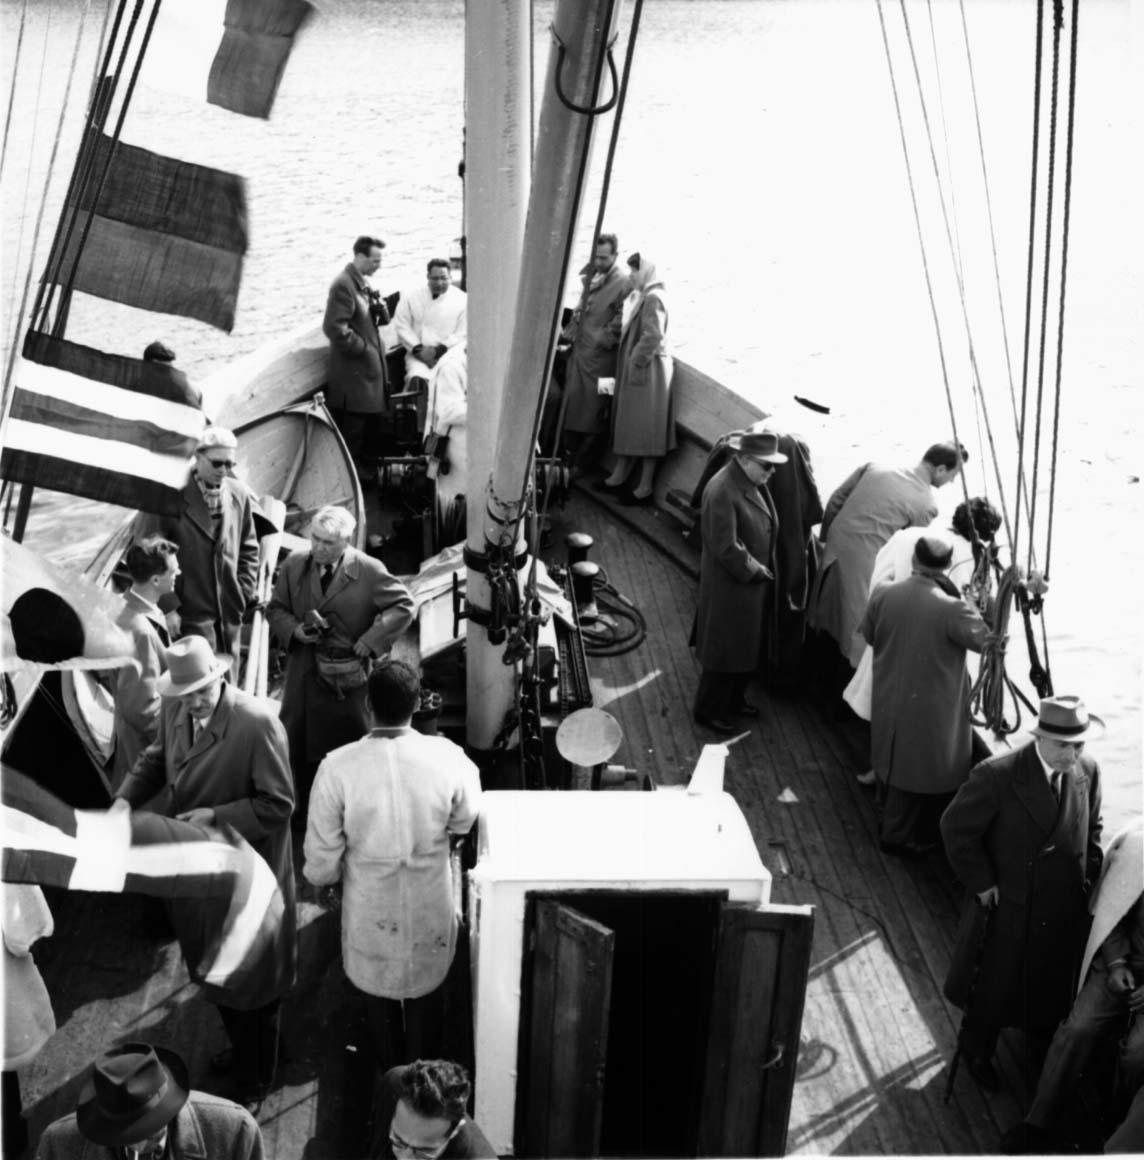 """Gruppeportrett, flere personer samlet på dekk ombord i et fartøy """"Telegrafverket""""."""